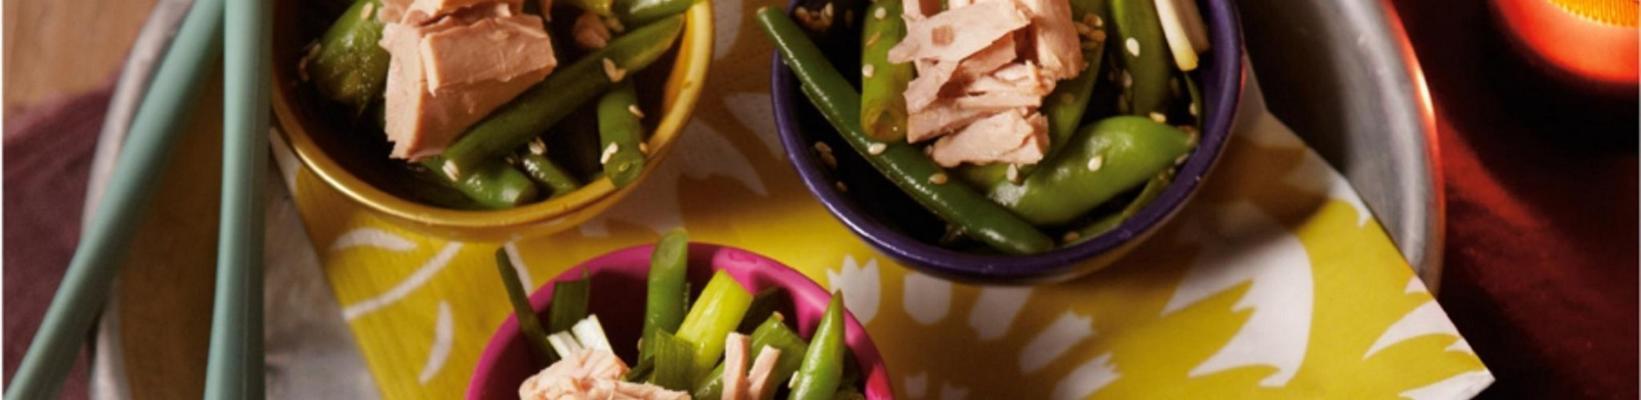 Japanese bean salad